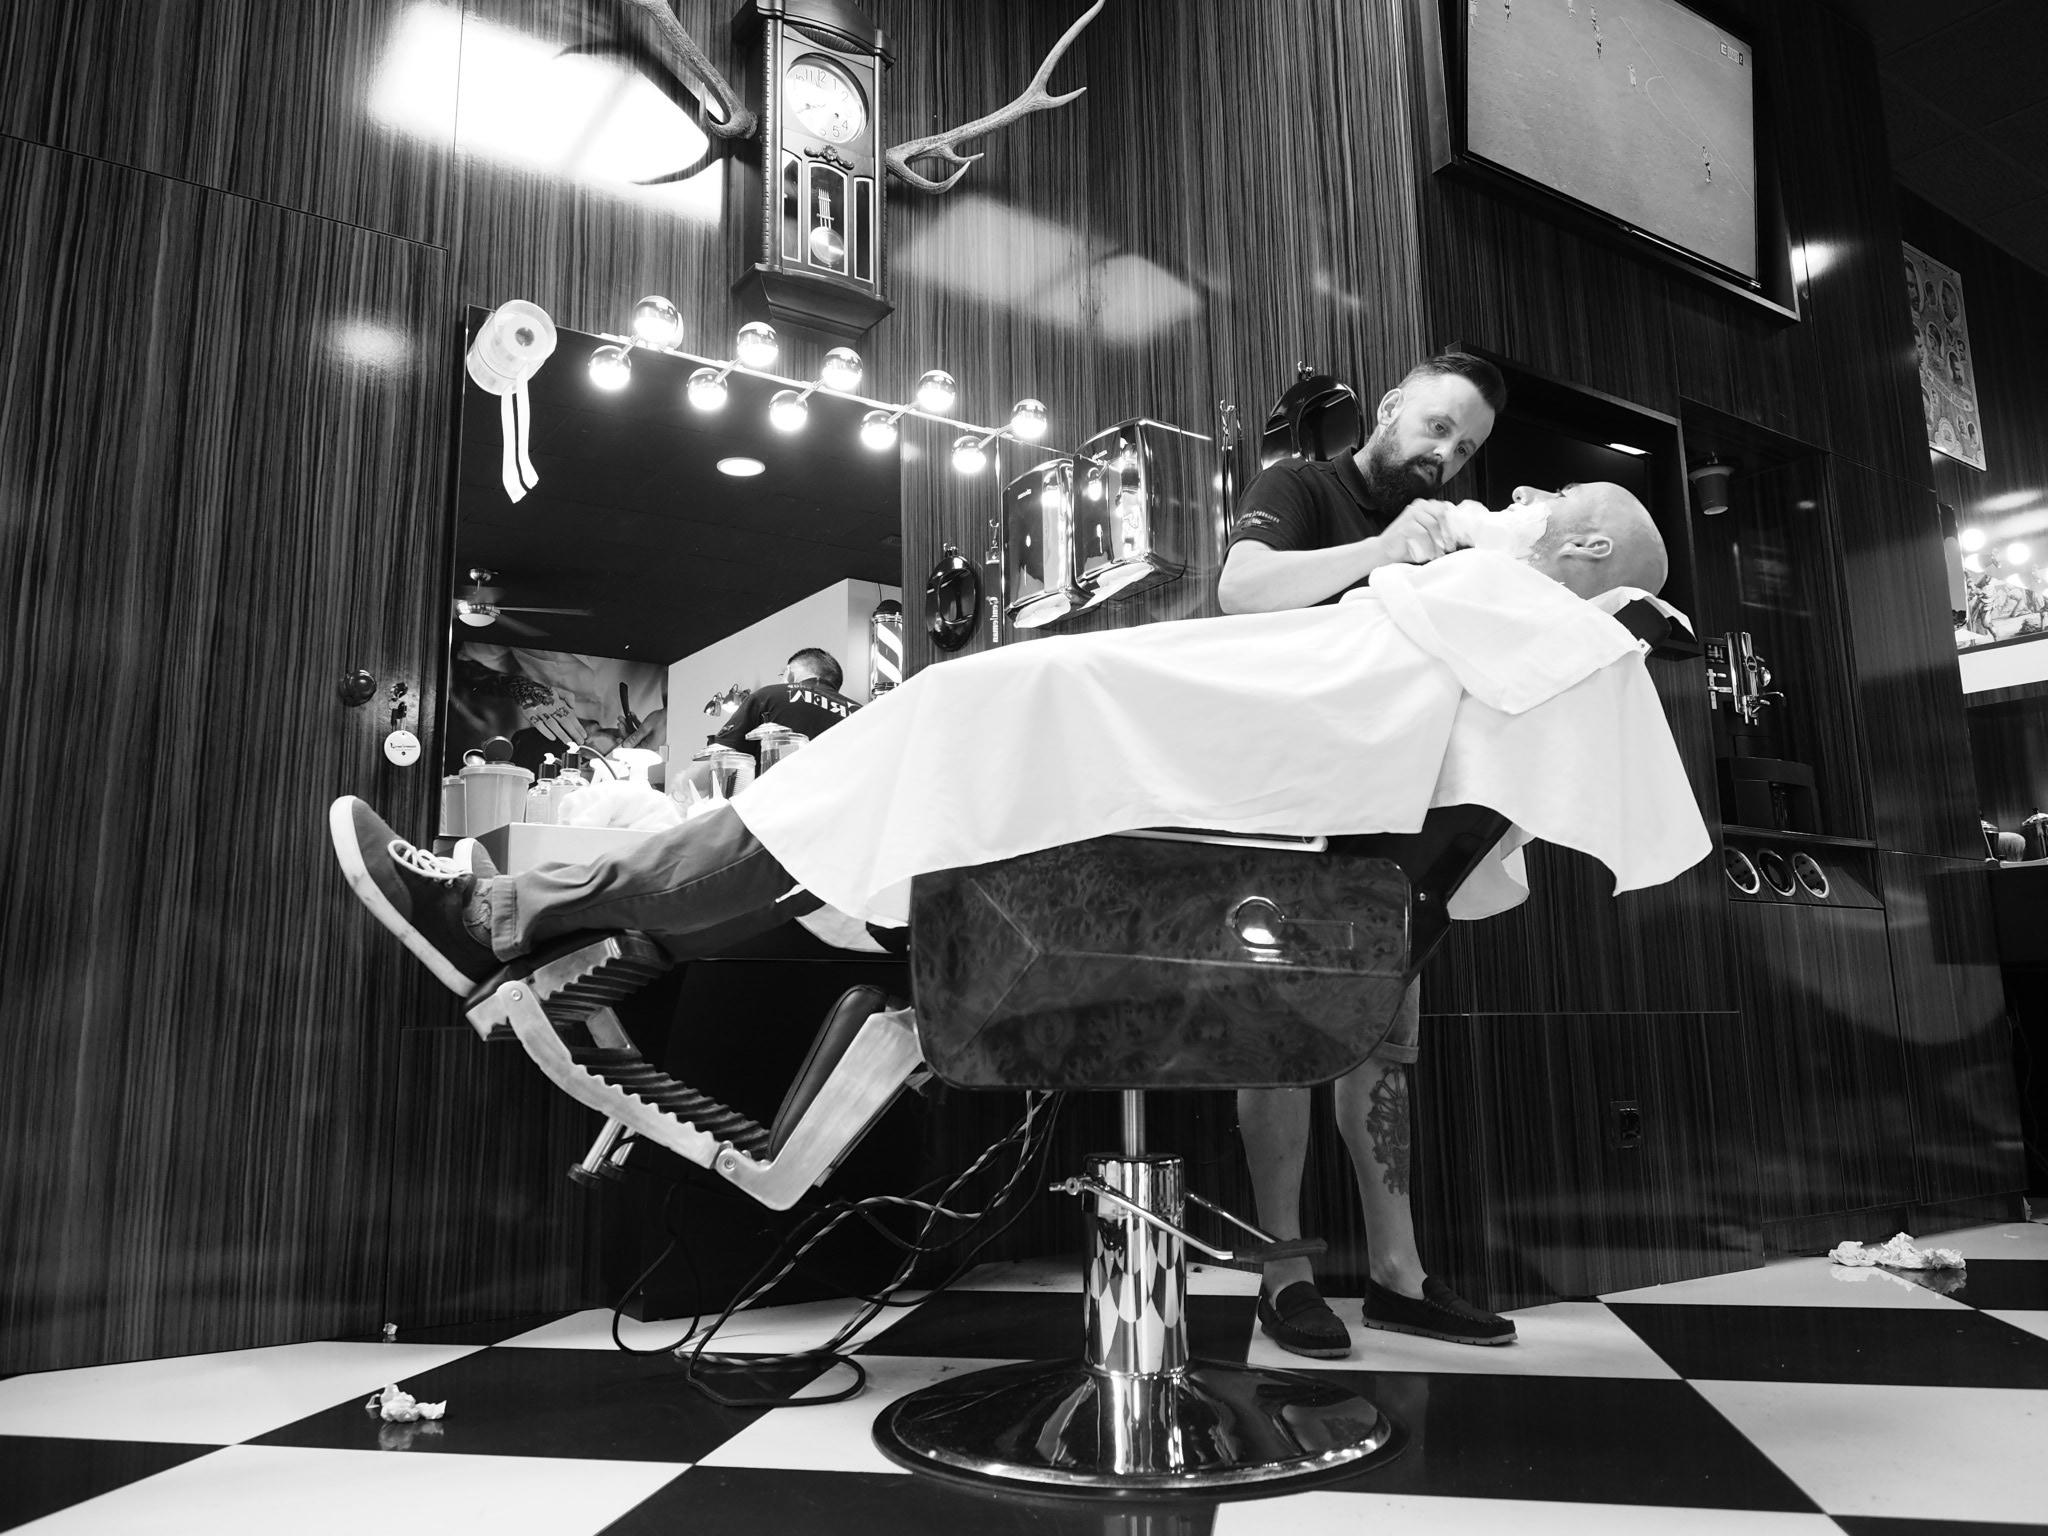 Odwiedzamy Gentleman Barber Shop Miejsca Sklepy Usługi